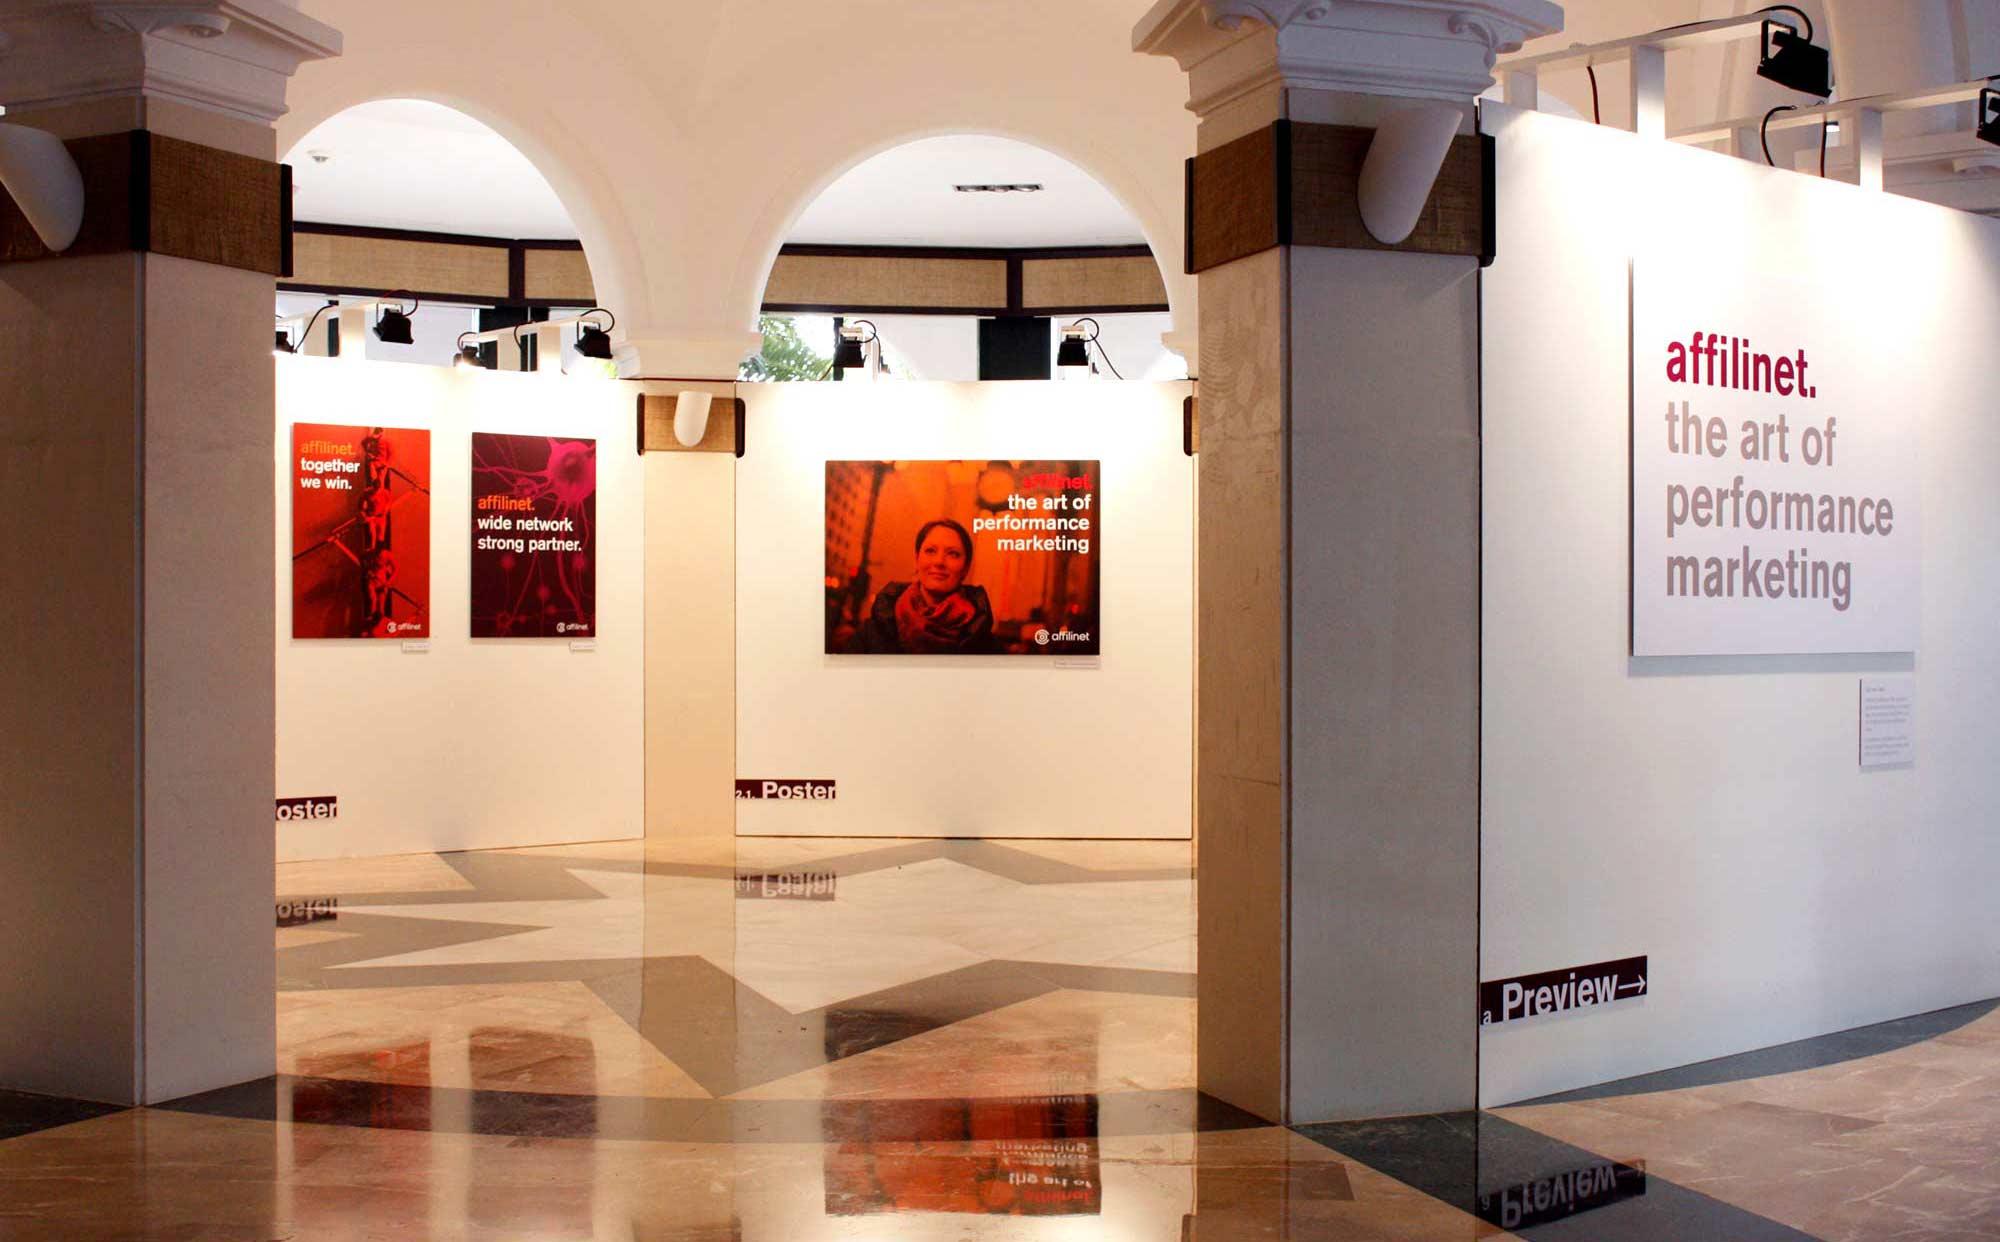 Ausstellung zur Präsentation des neuen Corporate Design von affilinet